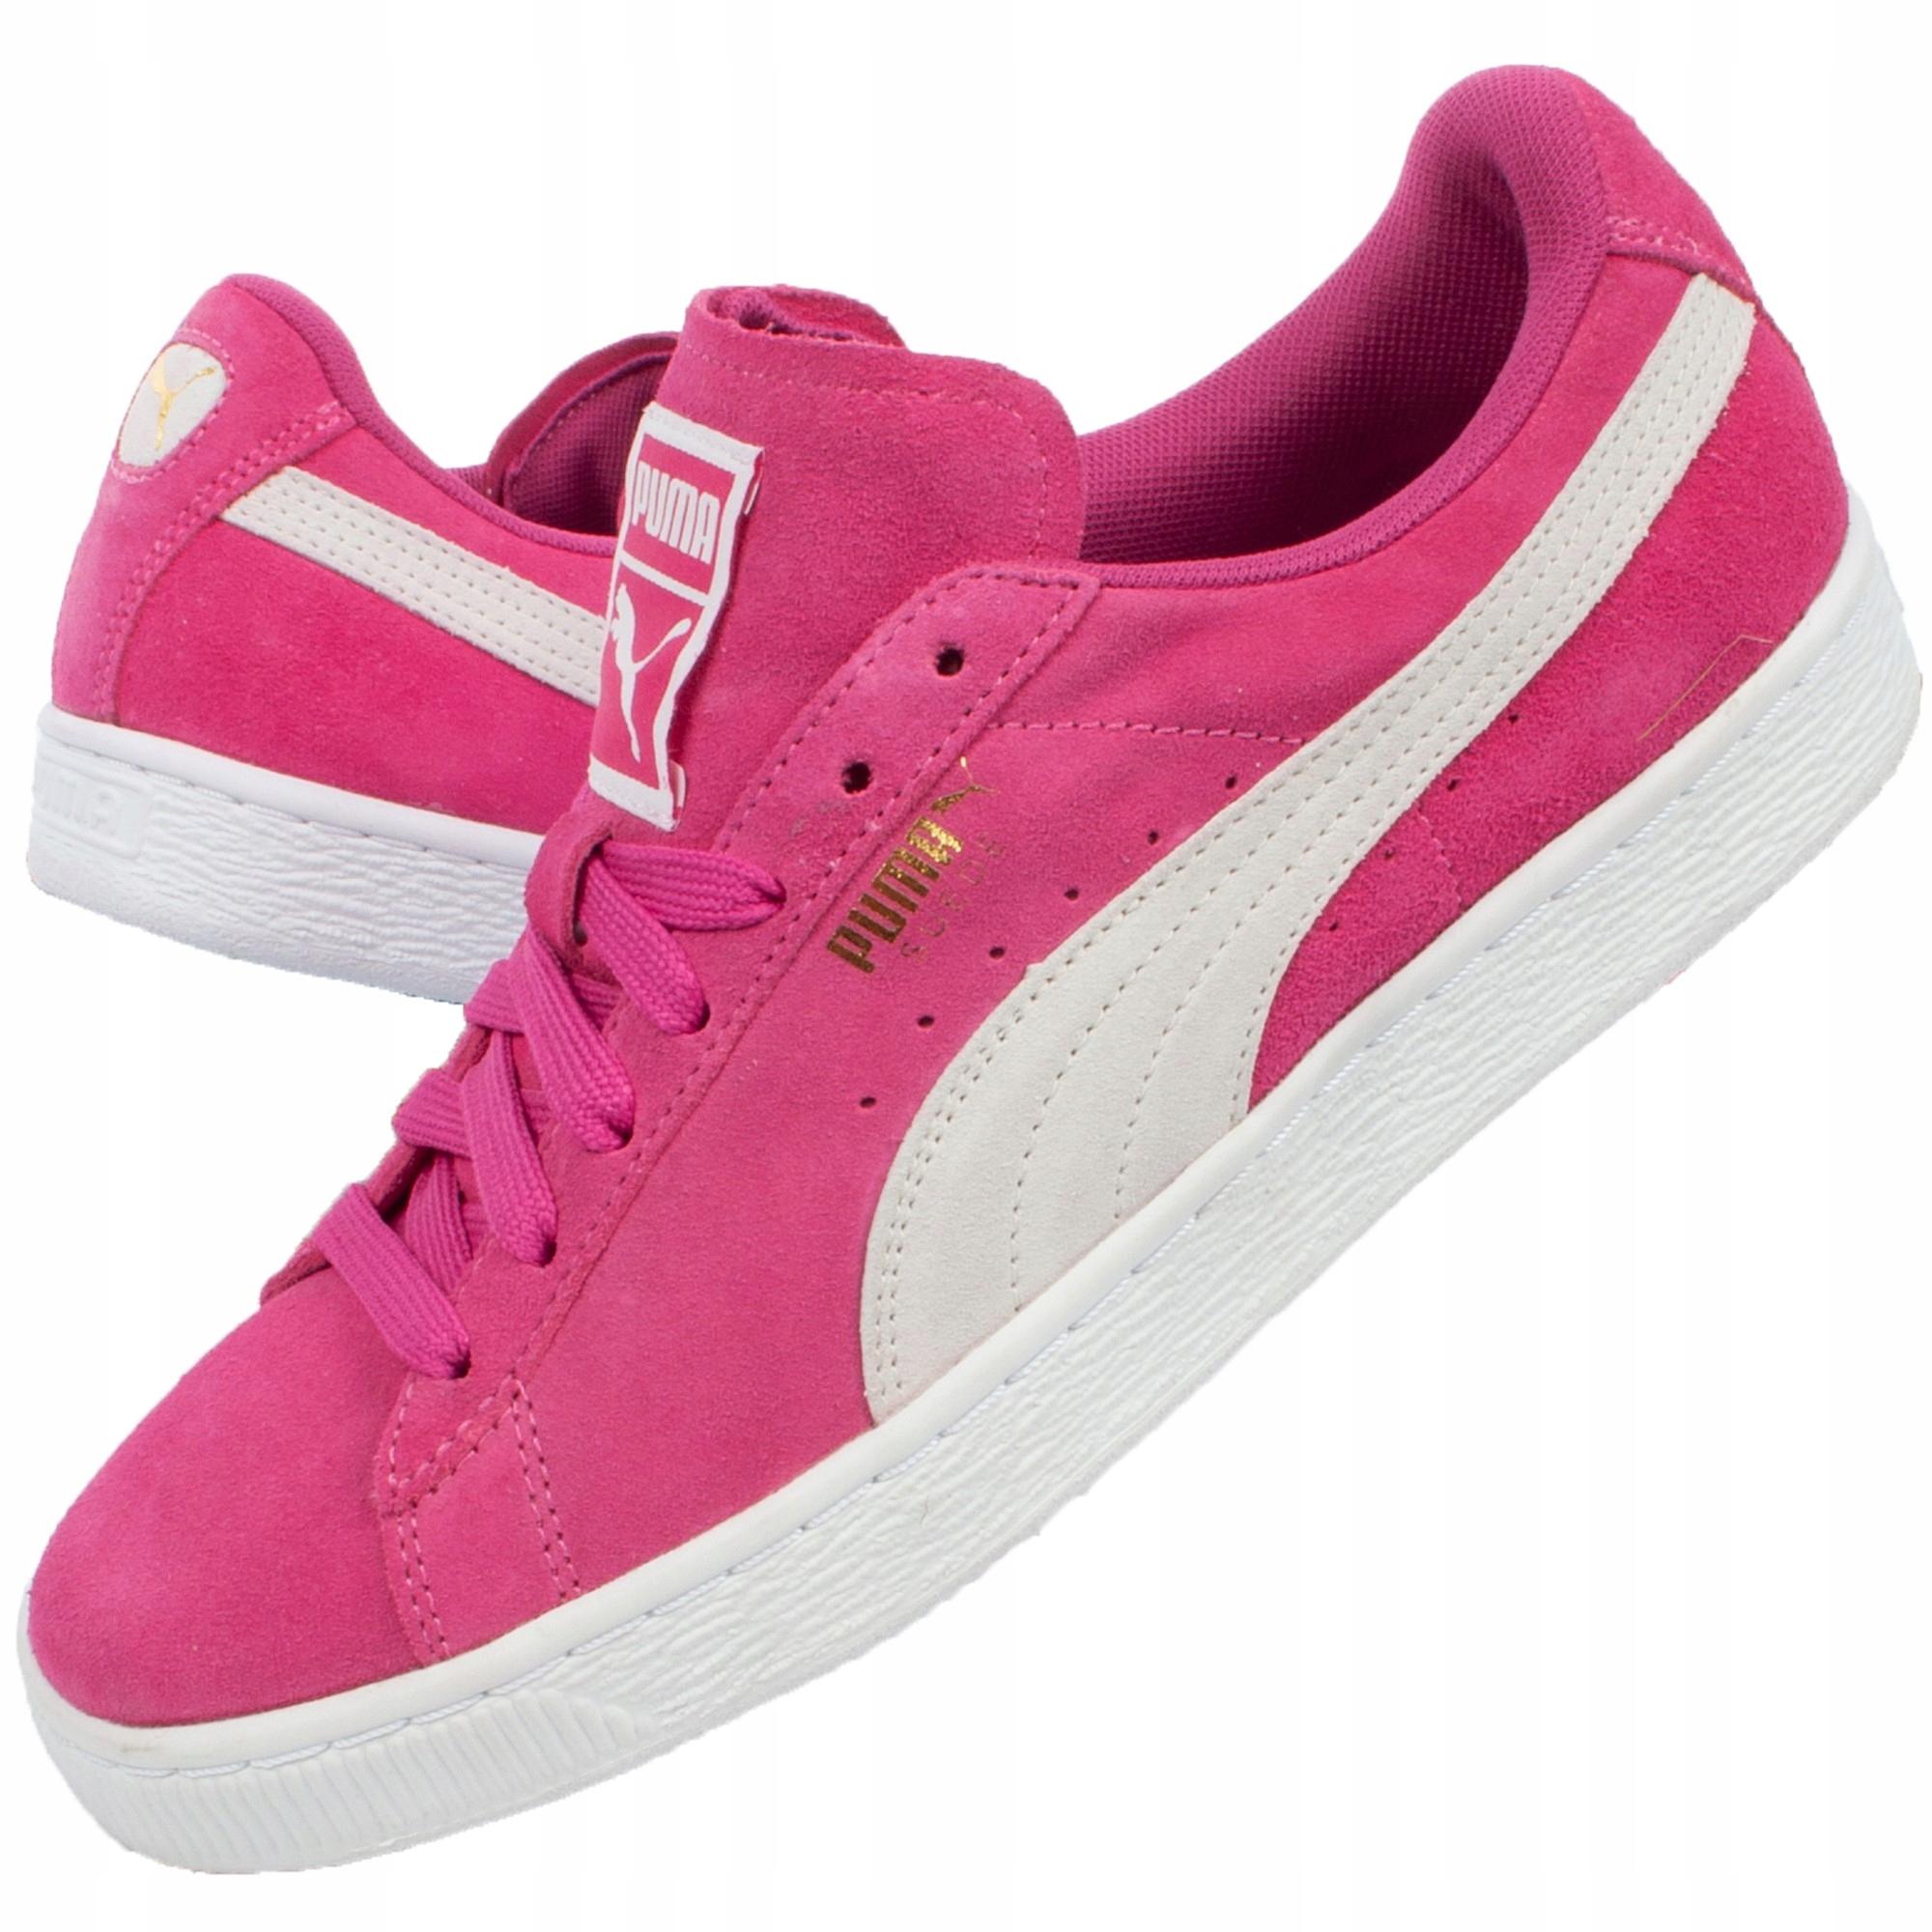 Buty używane Puma rozmiar 39